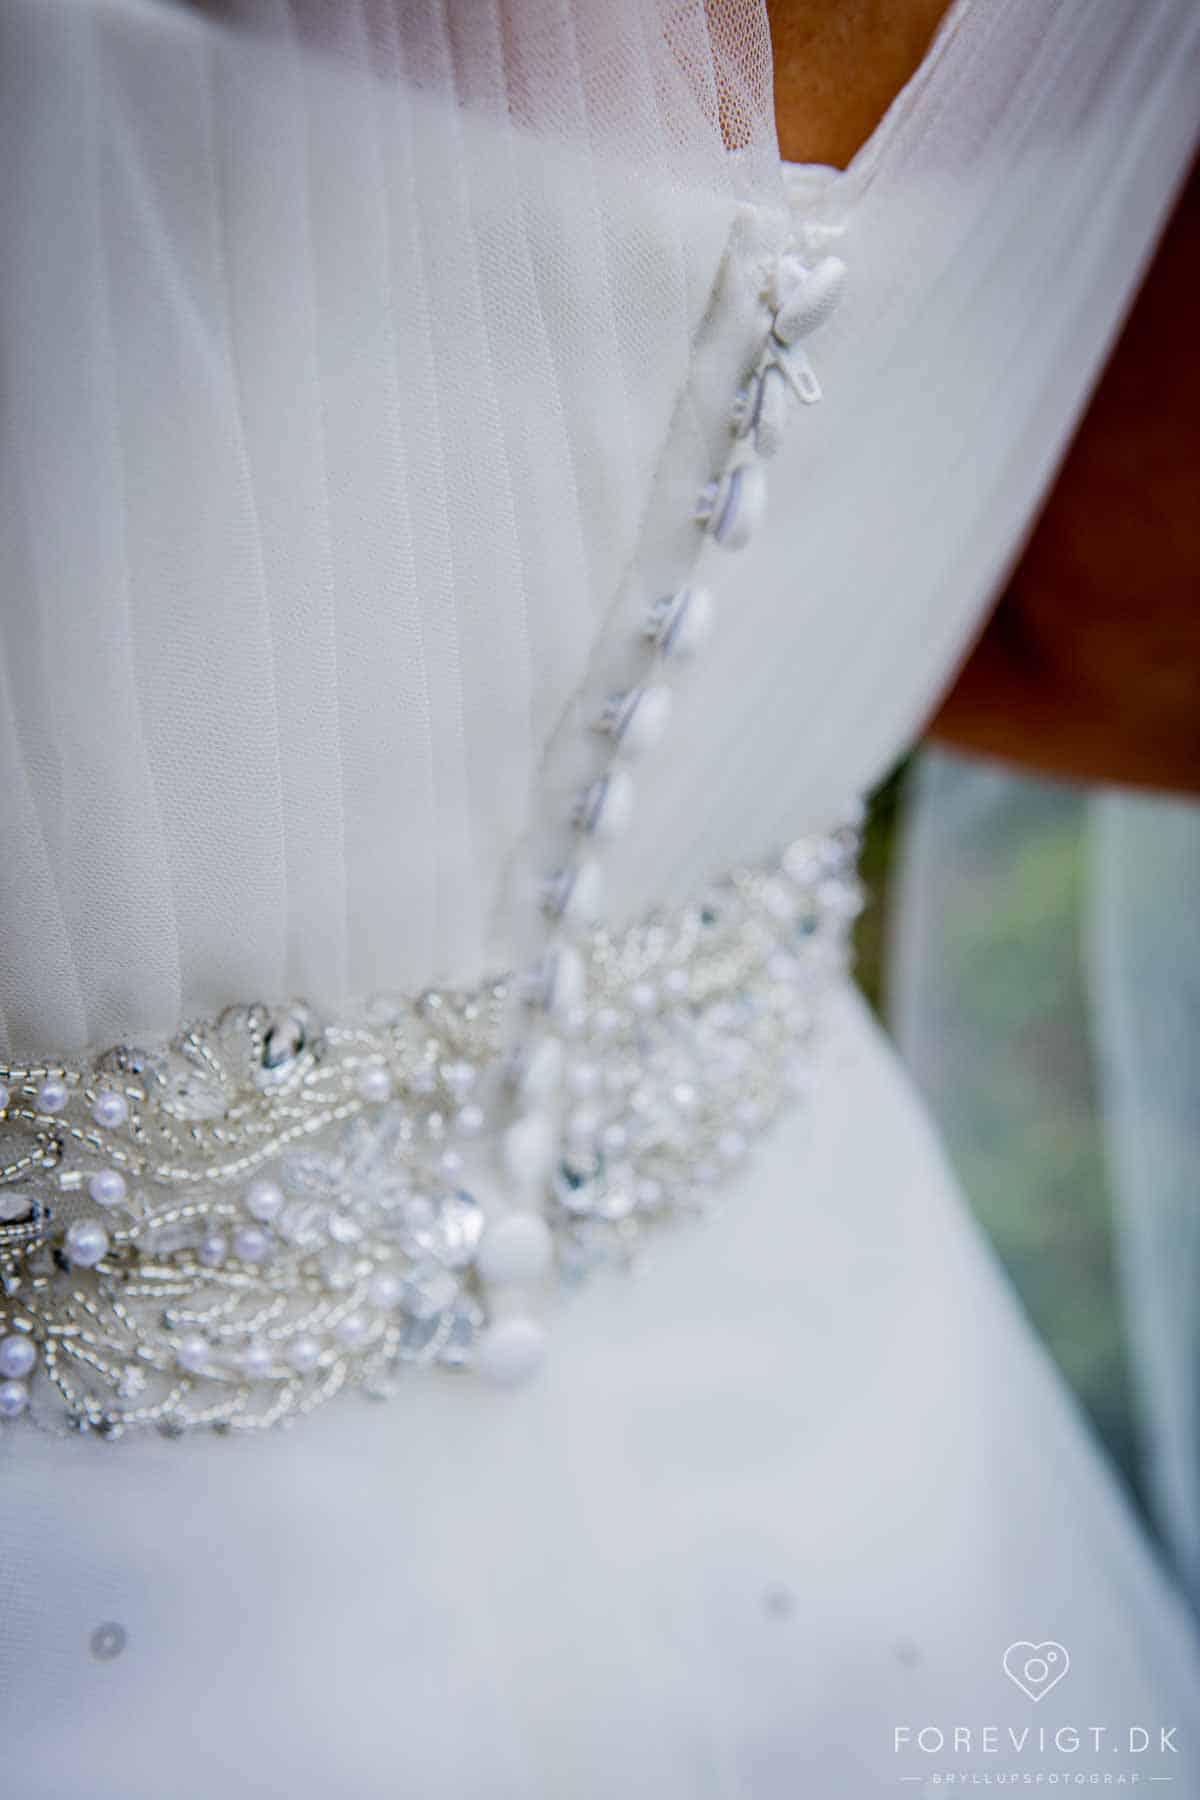 Hvad koster en bryllupsfotograf? - Fotograf bryllup